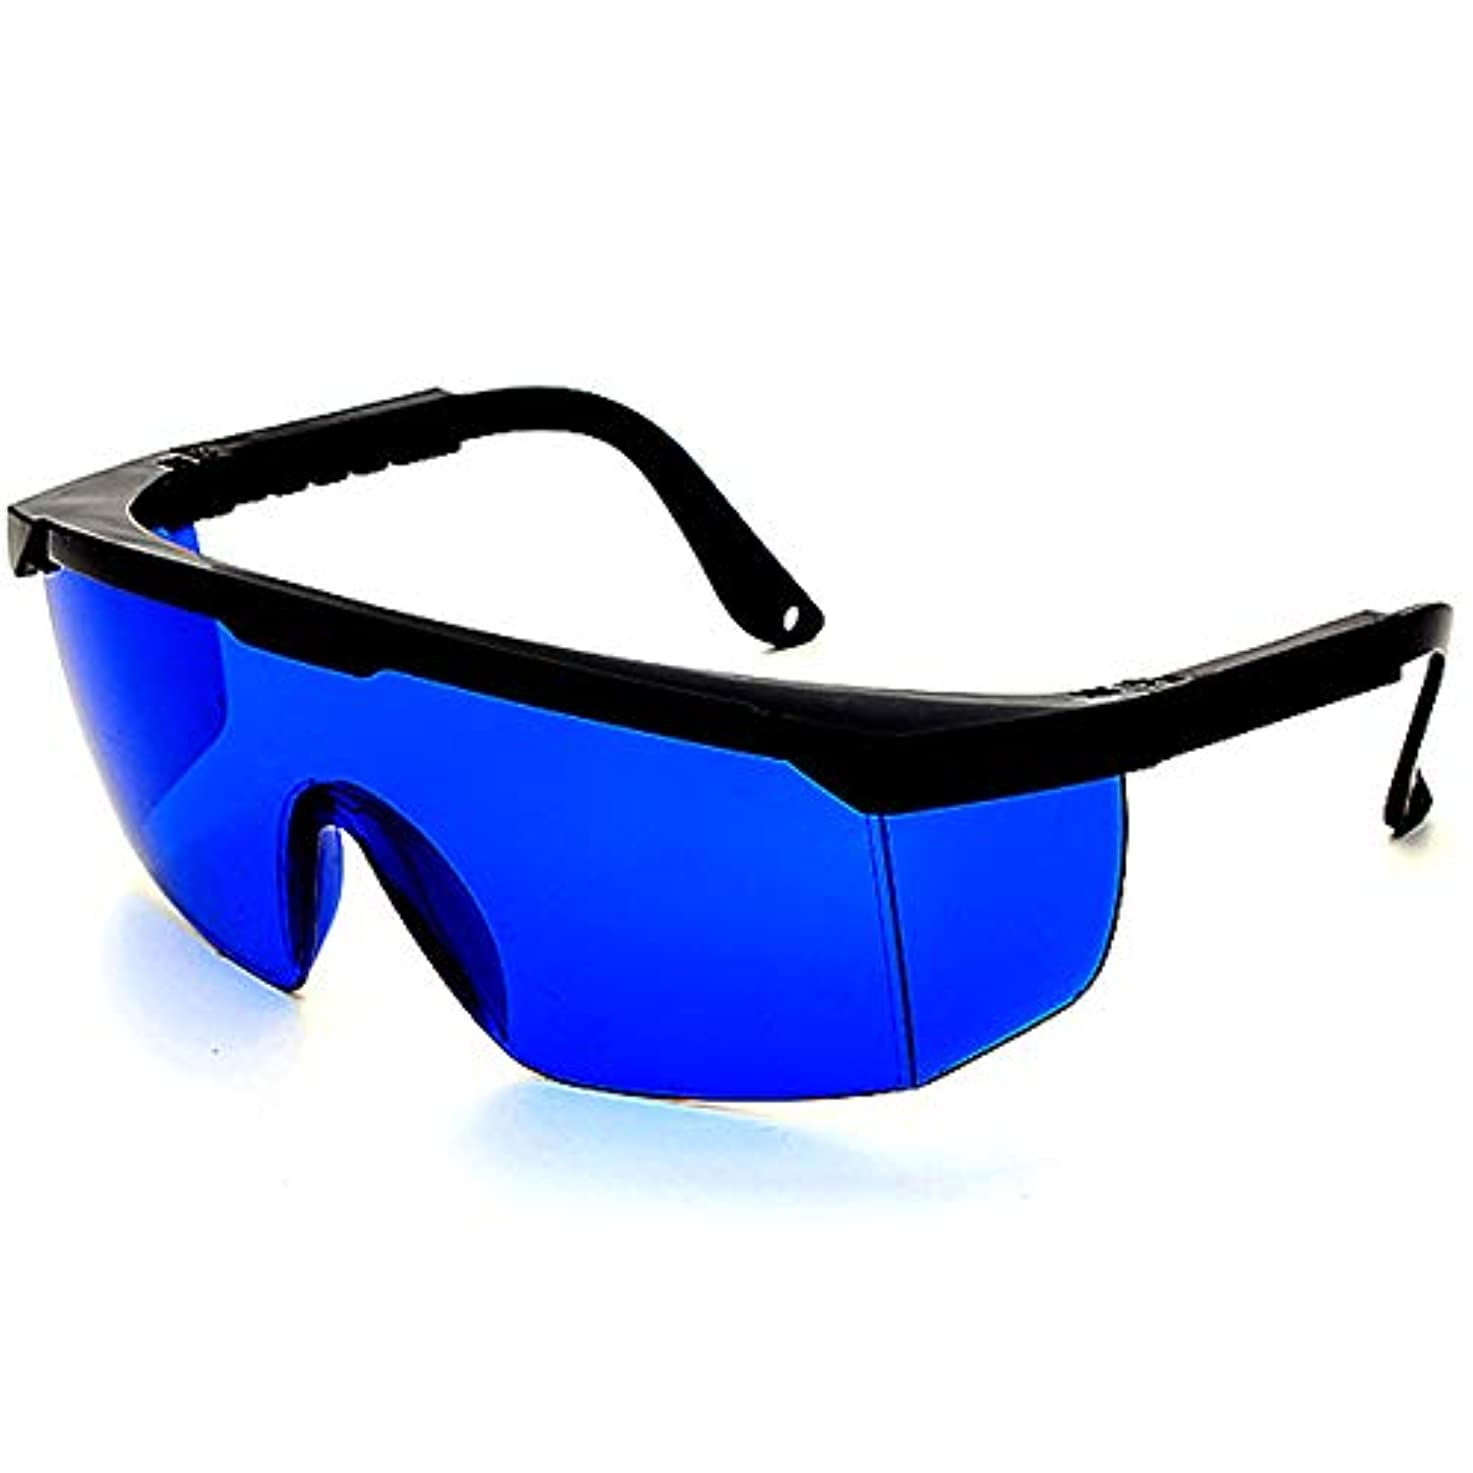 吐くホイッスルミサイルレーザー保護メガネIPL美容機器メガネ、レーザーメガネ - 2組のパルス光保護メガネ。